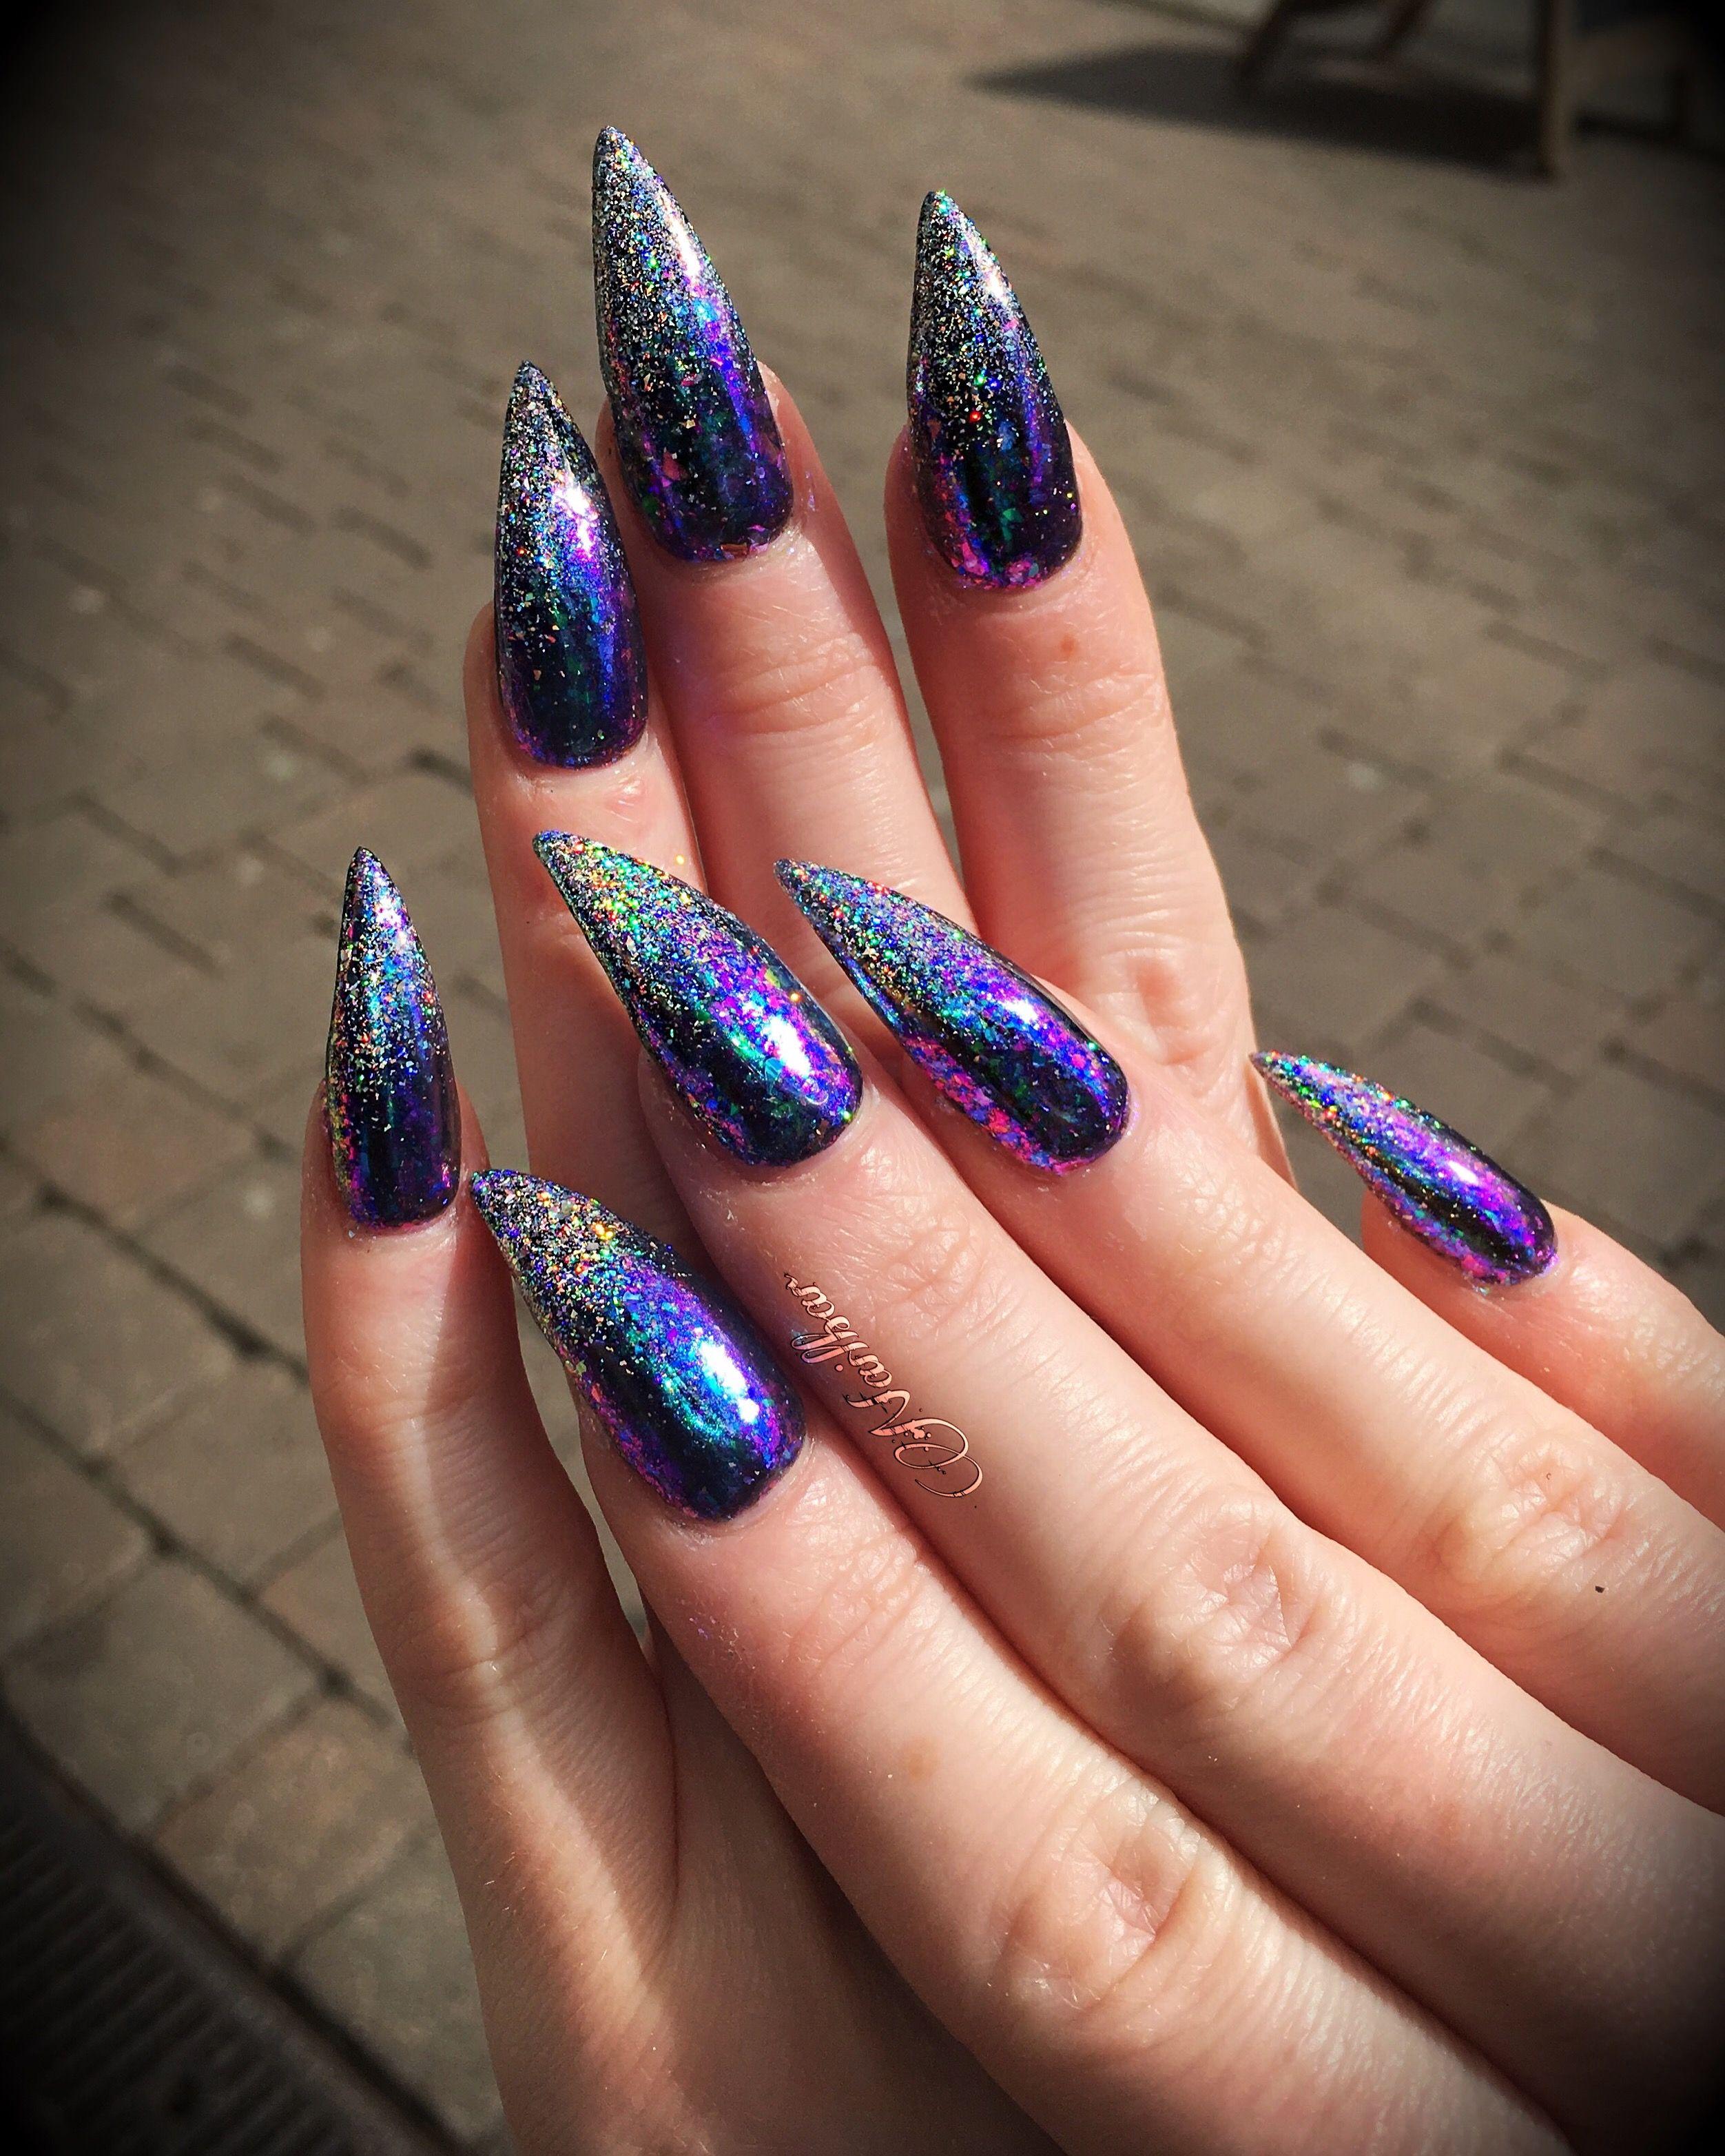 Pin by Ga Nell Kauai on Nails | Pinterest | Nail nail, Nail inspo ...